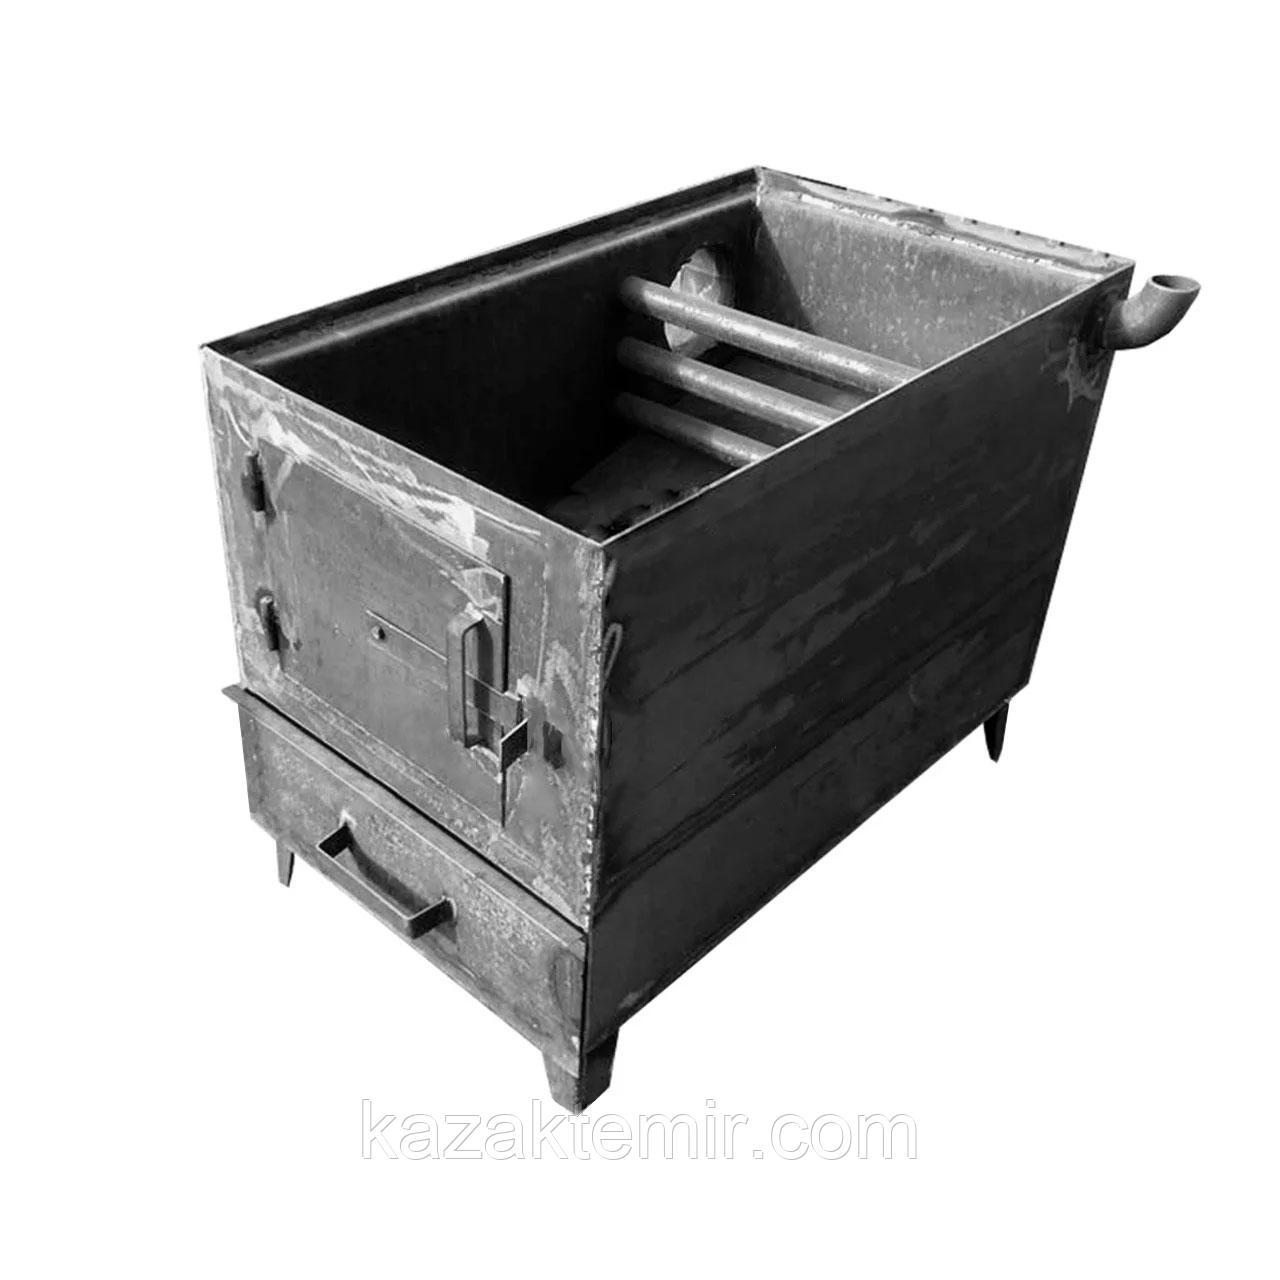 """Угольный котел-печь """"Плита Большая"""" (41х75) котел 120 кв.м"""